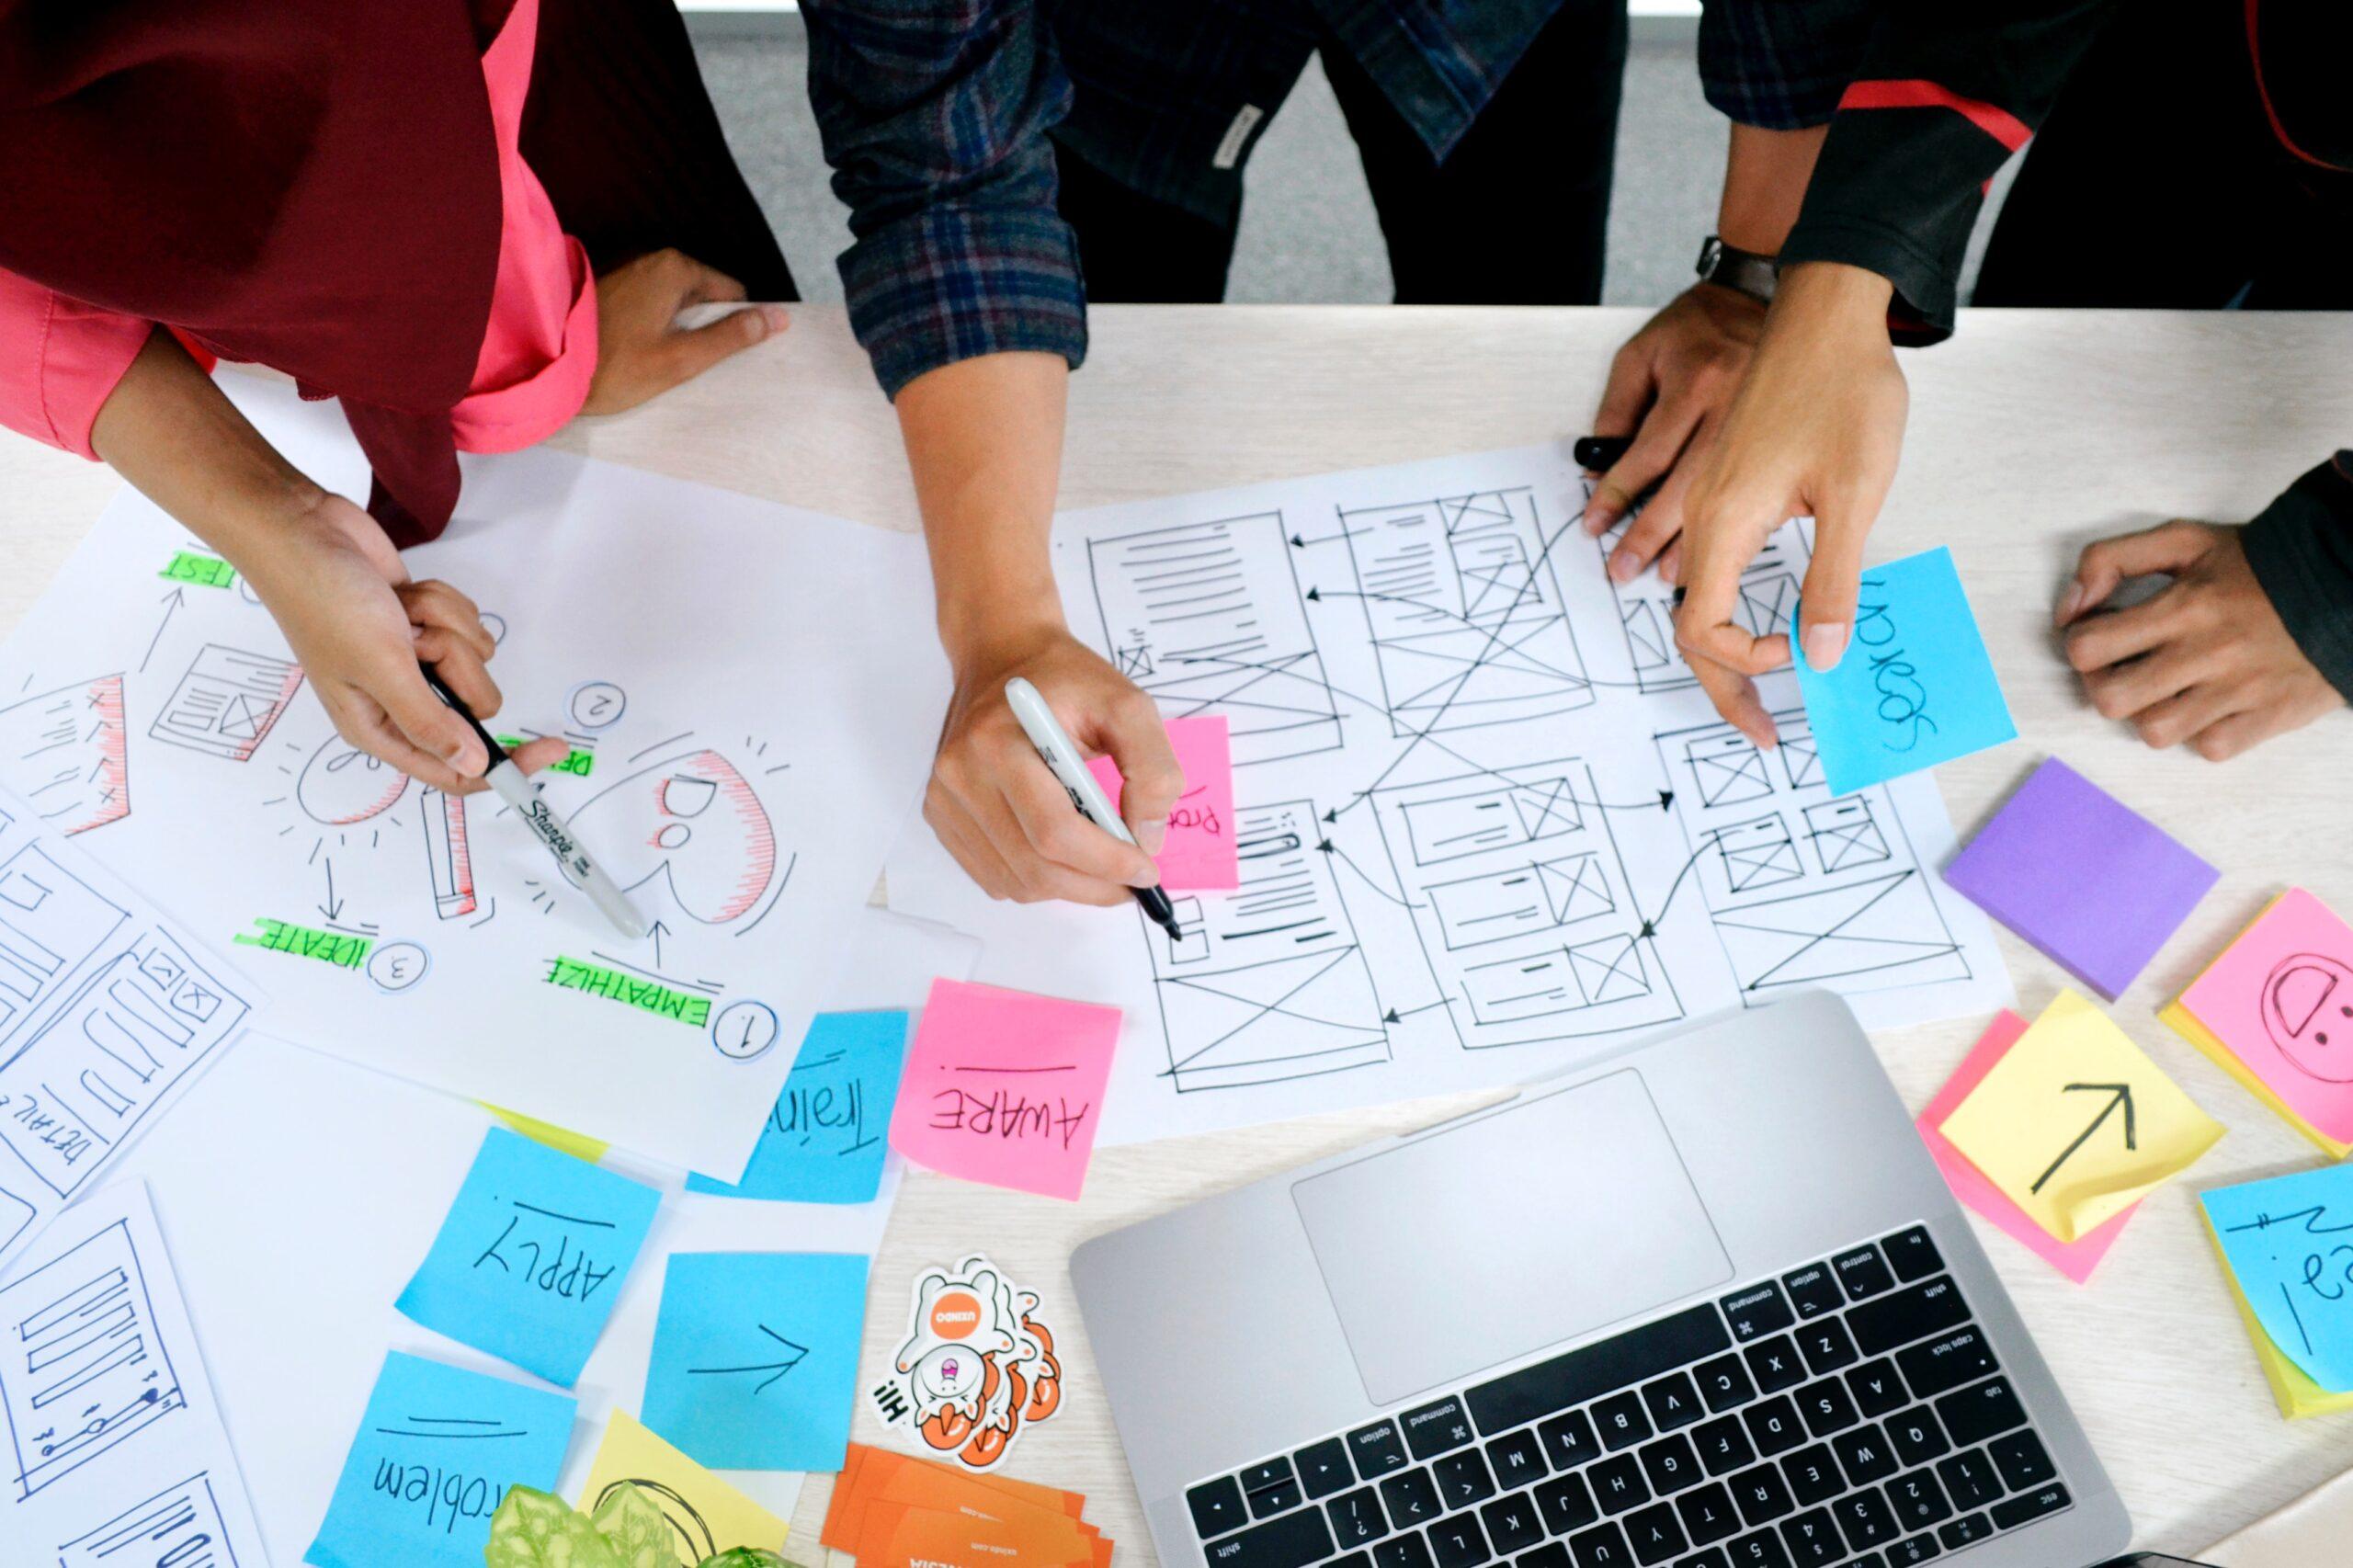 fase prototipado design thinking